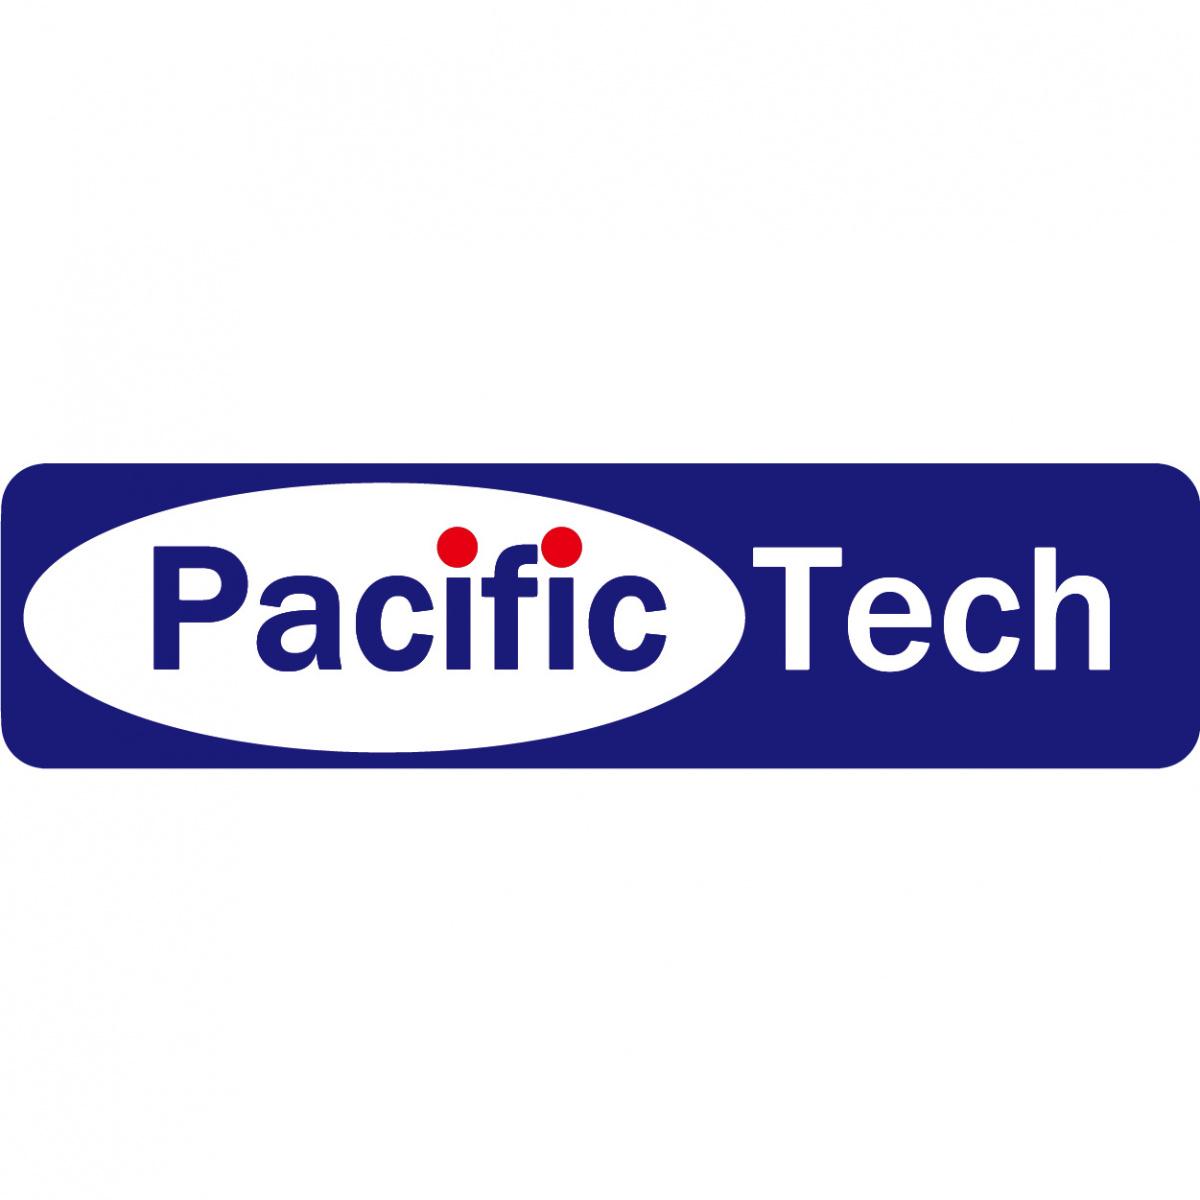 SecureAge Partner Pacific Tech